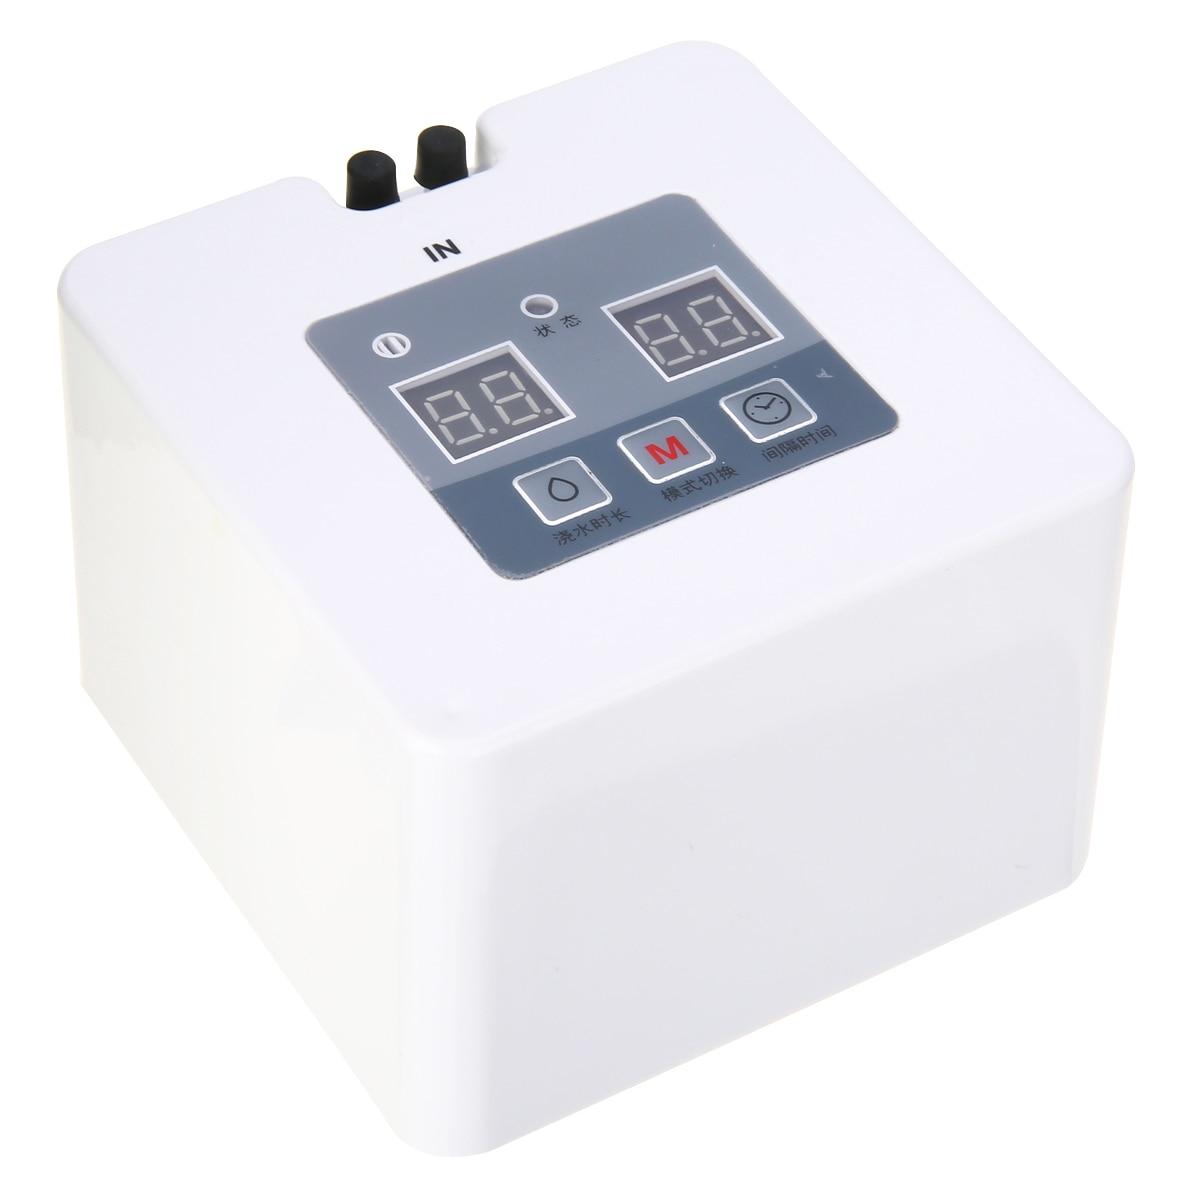 30 jours minuterie bricolage Micro système d'irrigation goutte à goutte automatique USB auto jardin arrosage Kits